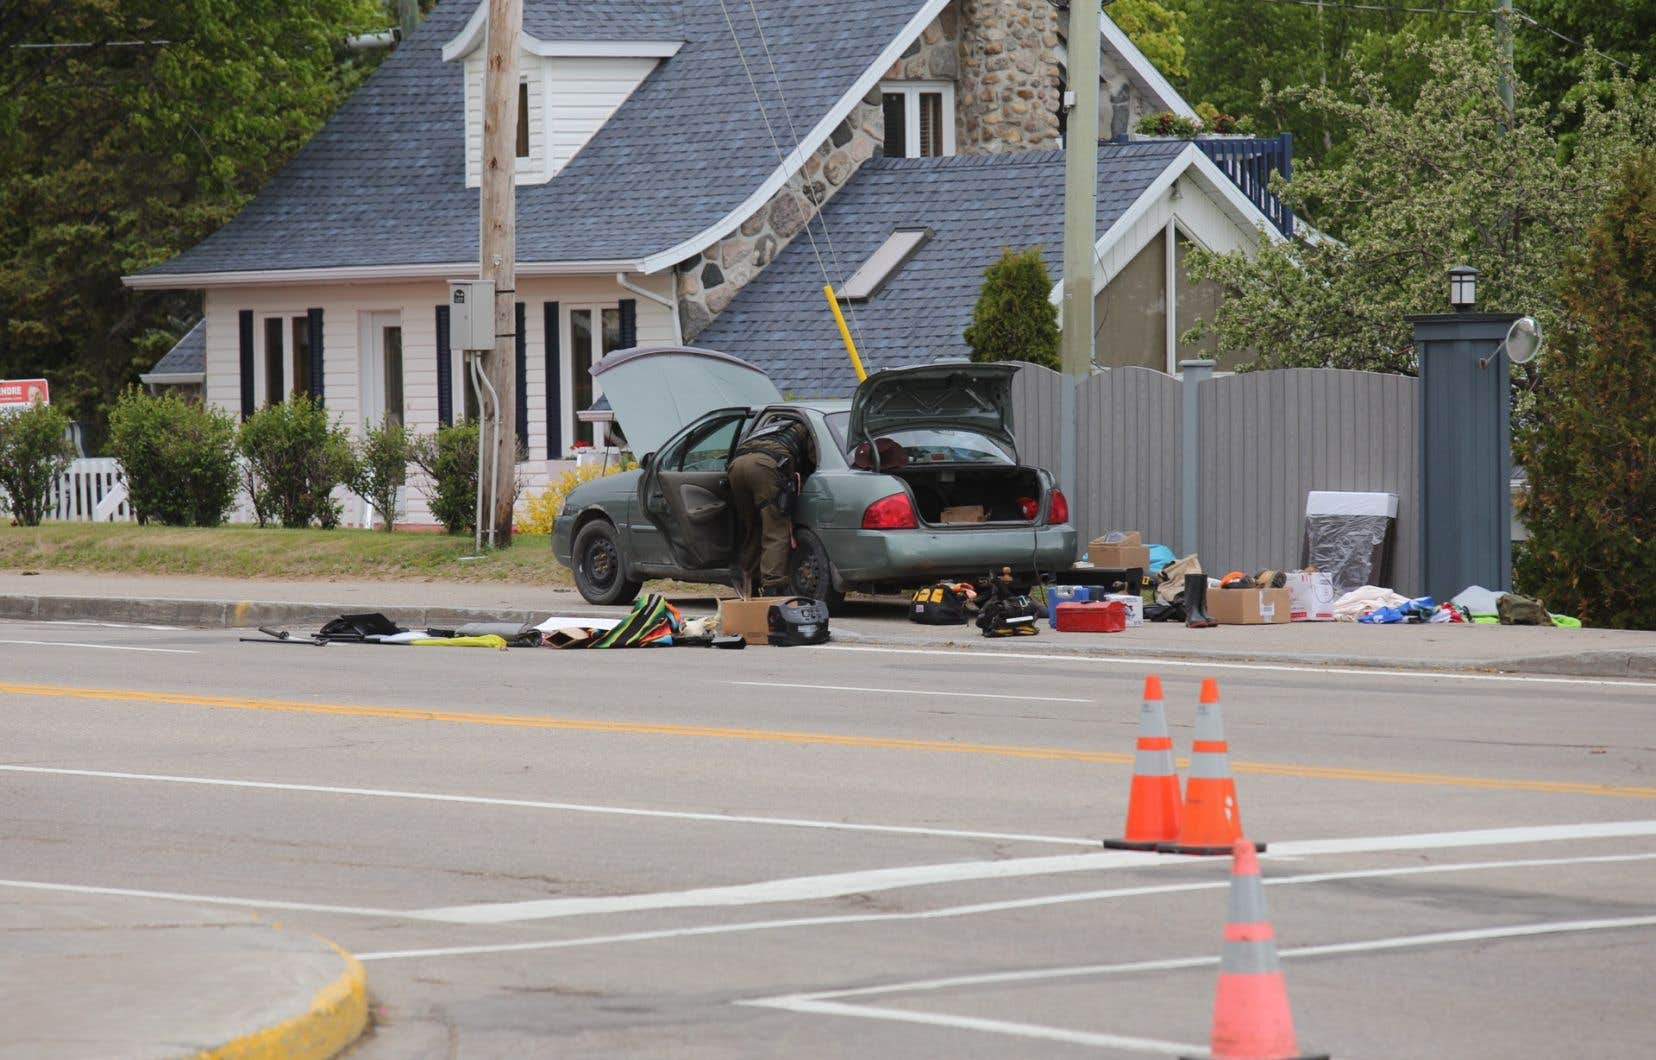 Aux environs de 16h, les policiers ont établi un périmètre de sécurité autour de la fouille d'une voiture.